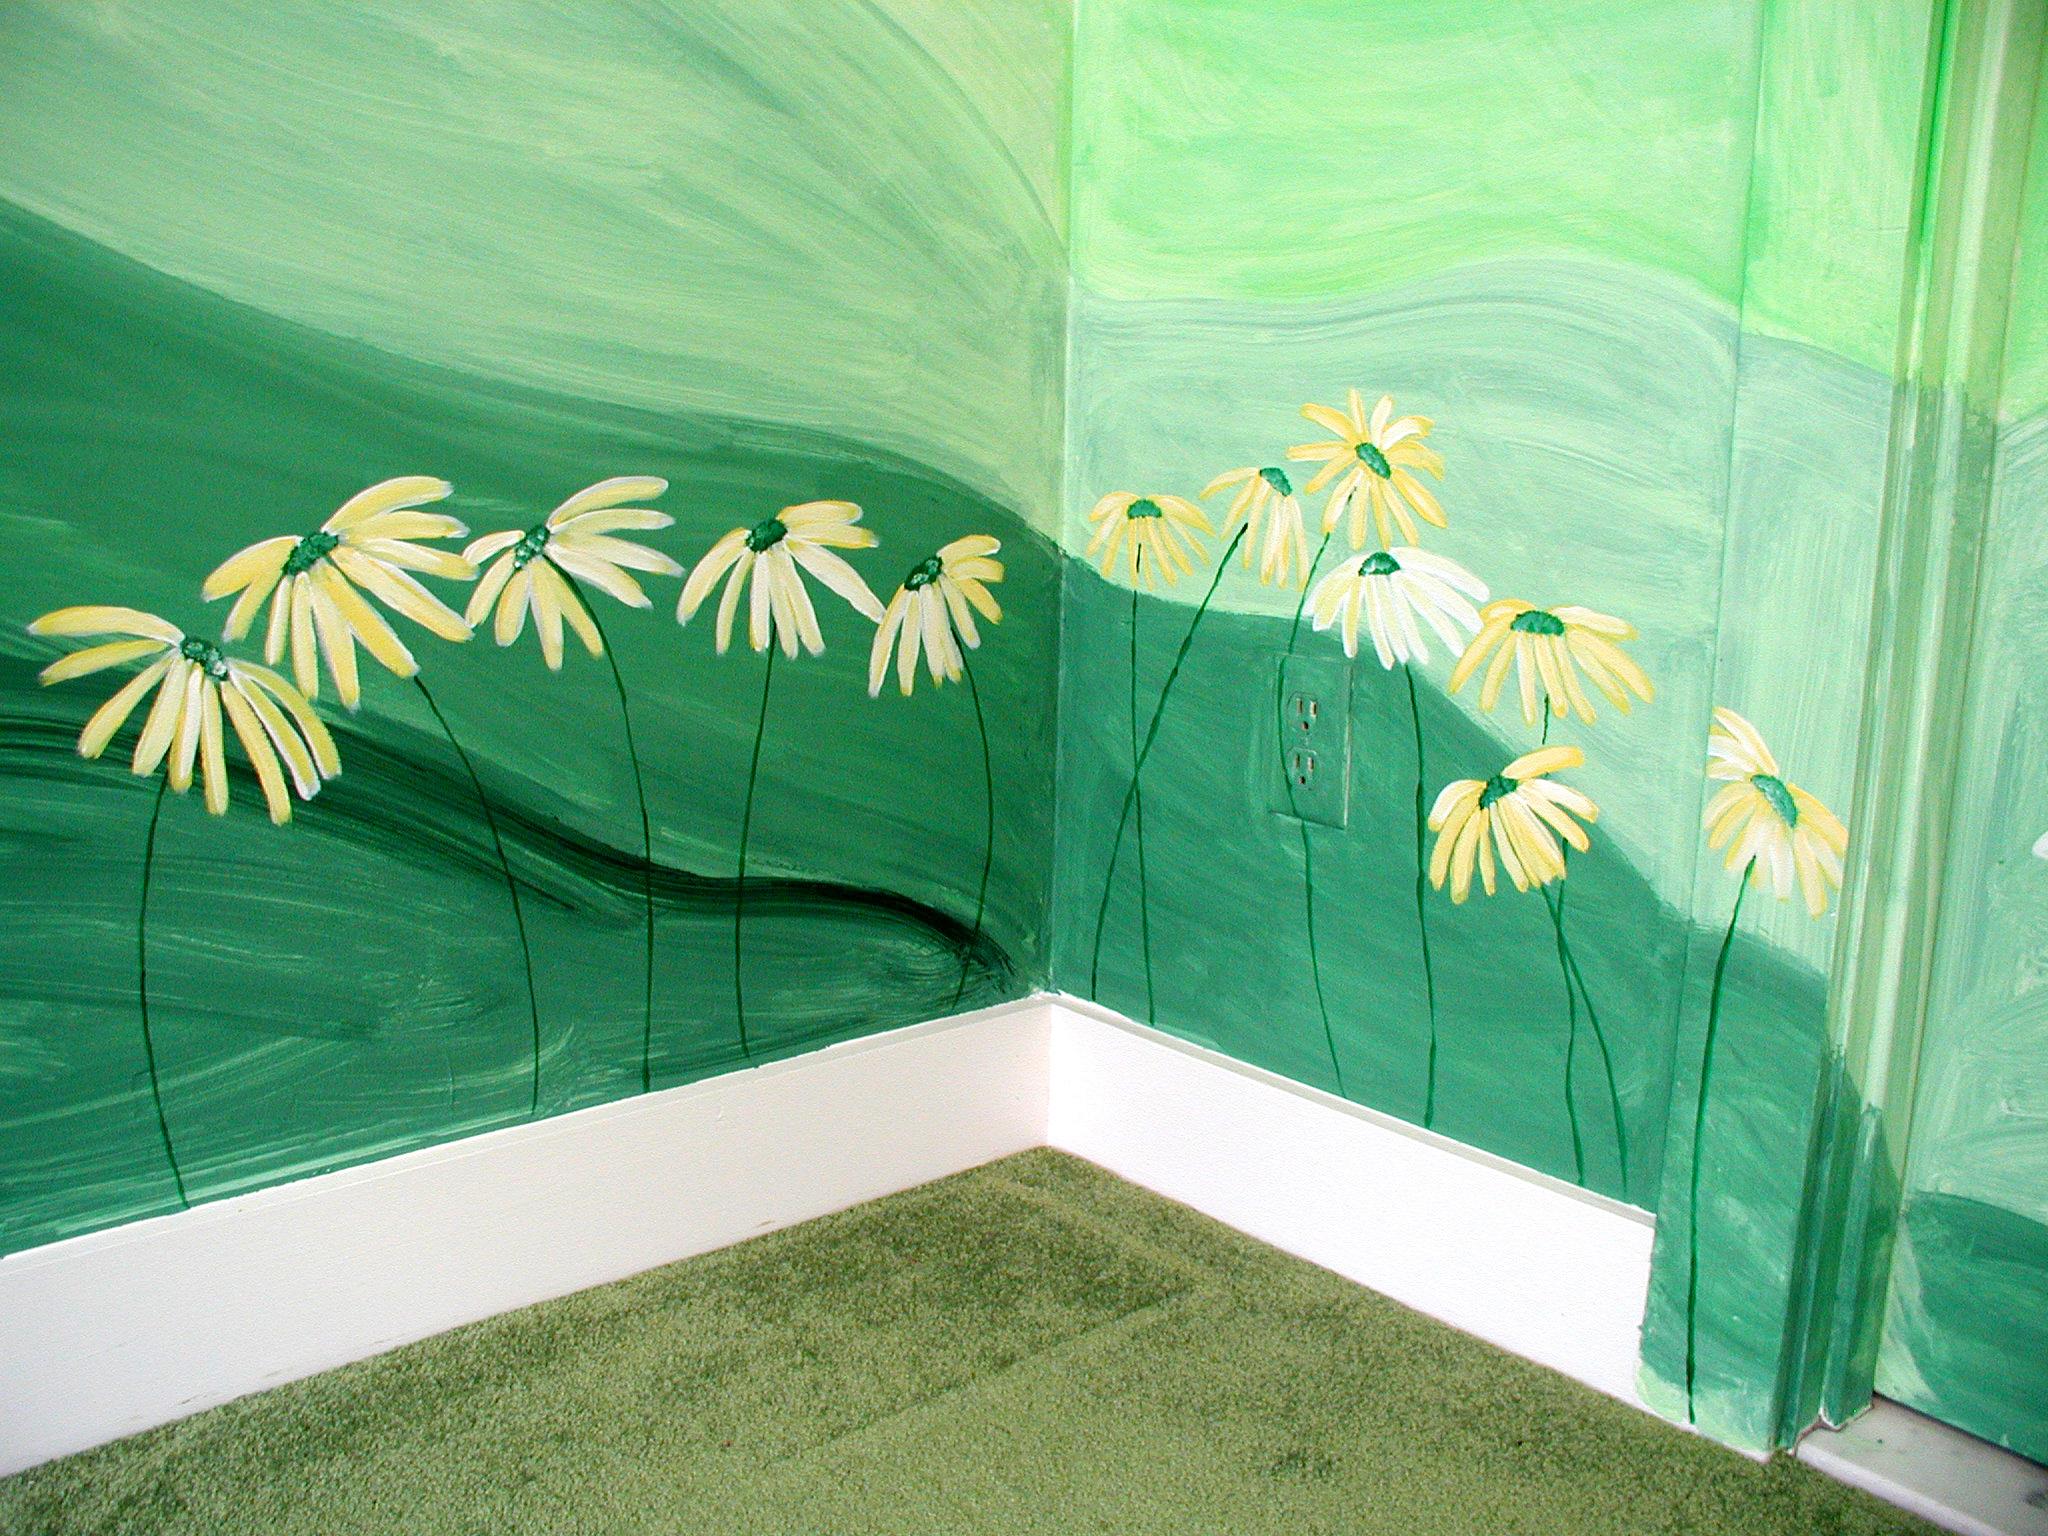 daisiesdetail.jpg